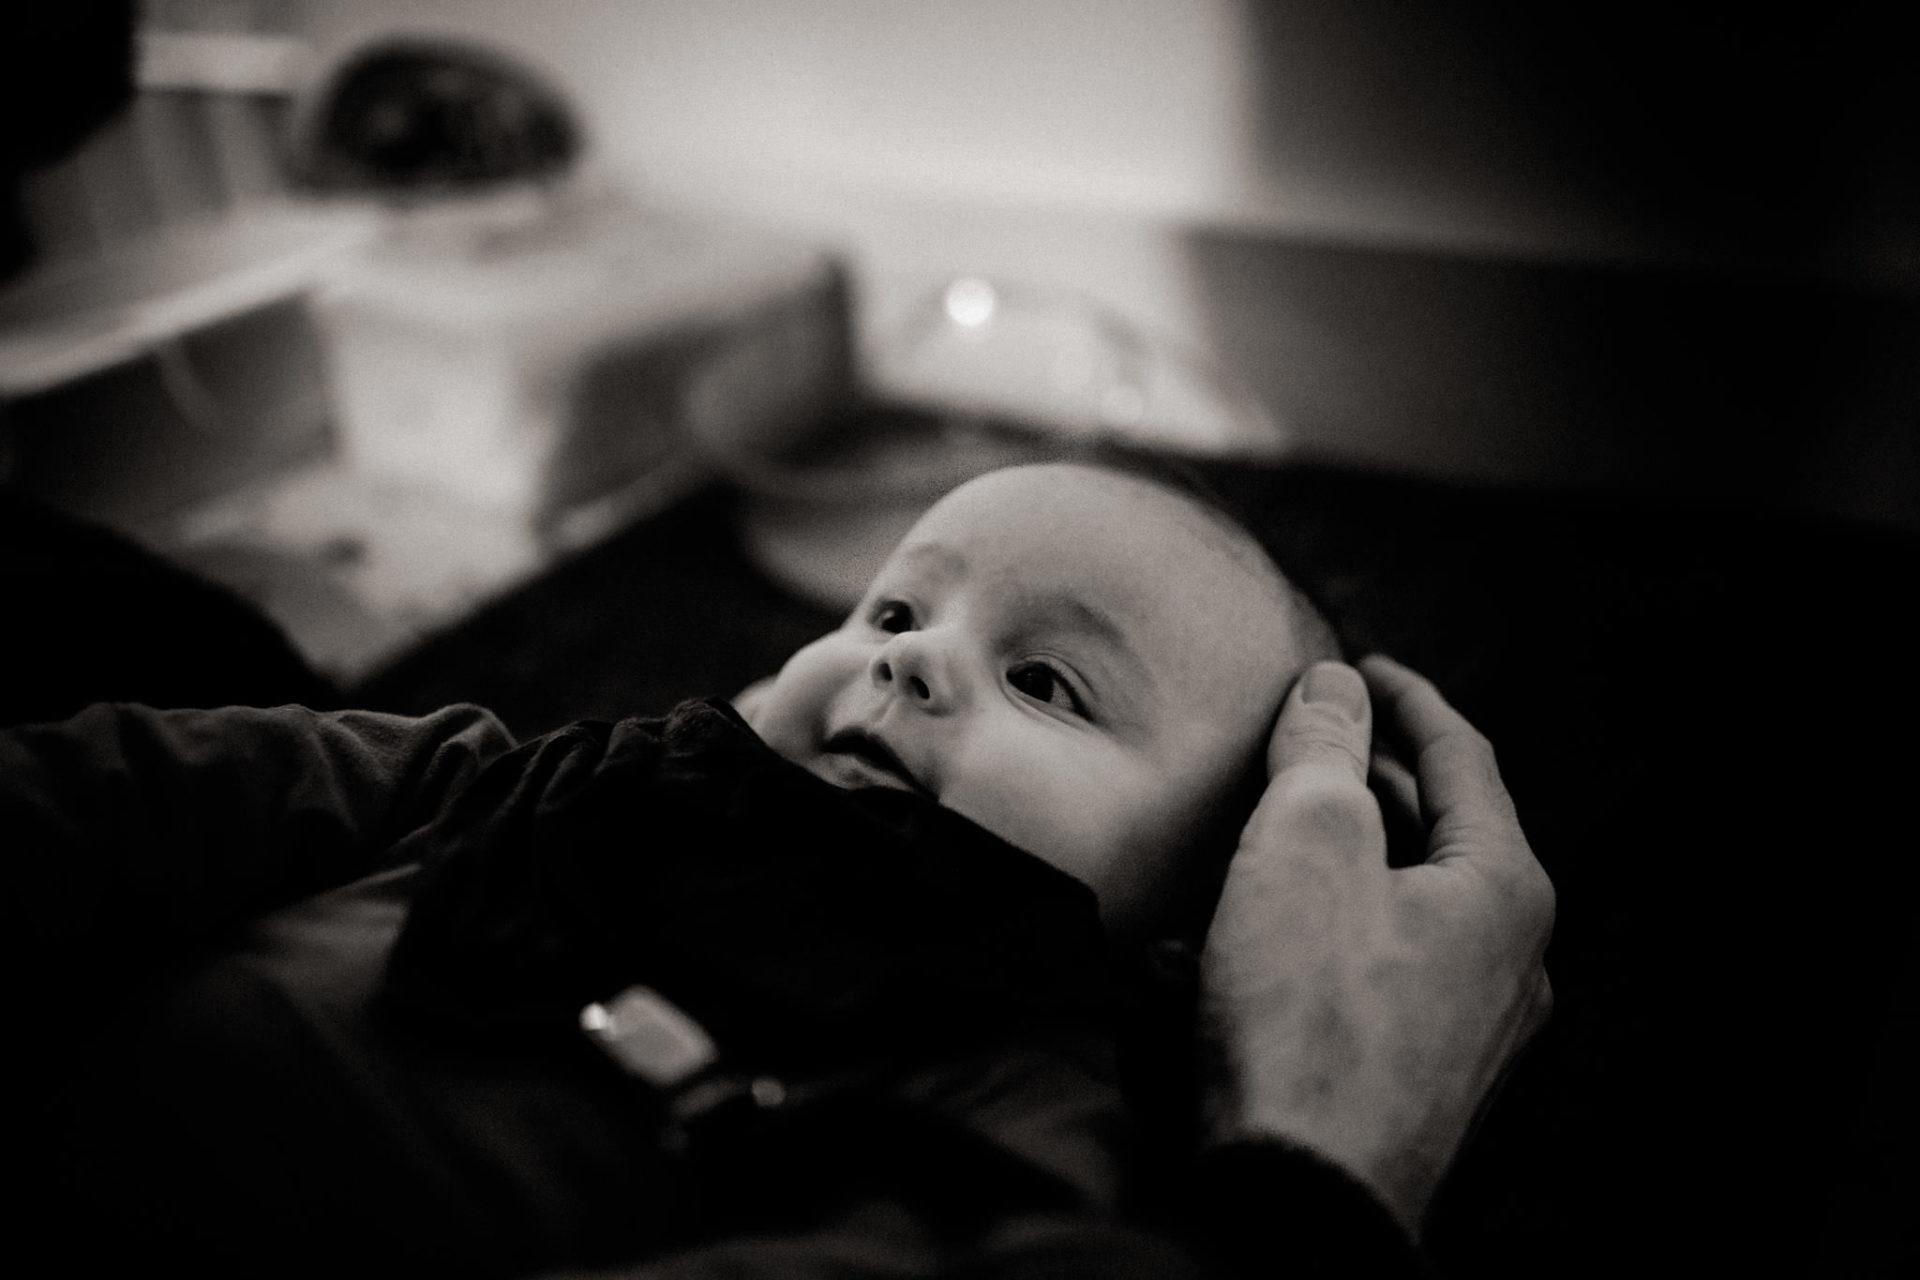 familienfotografie-mainz-journalistische-kinderbilder-papa-wickelt-baby-tochter